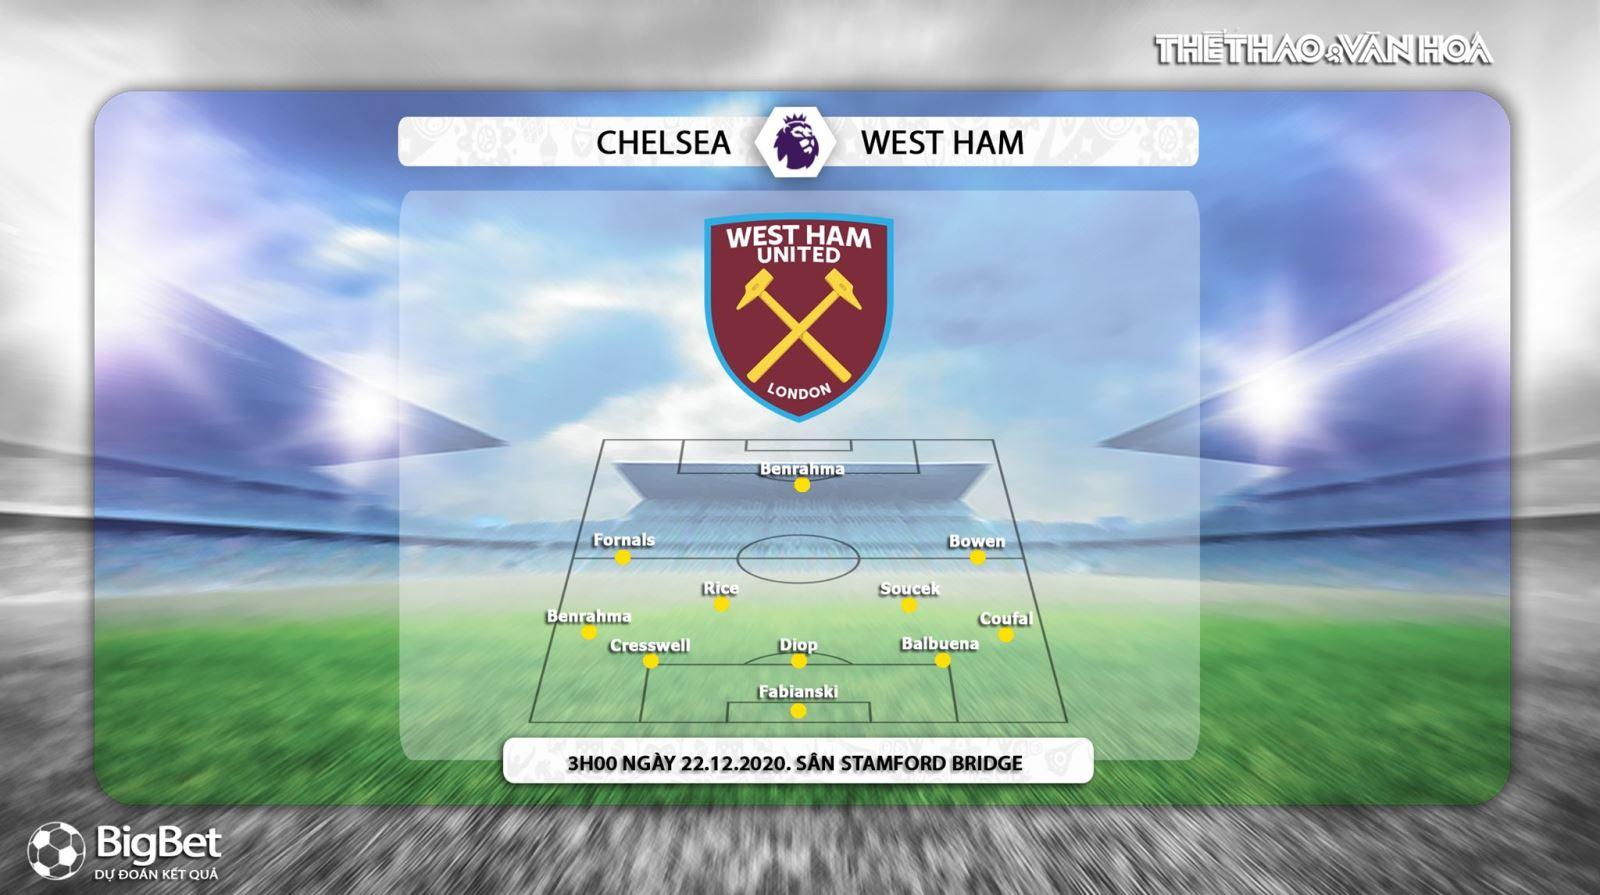 Keo nha cai, Kèo nhà cái, Chelsea vs West Ham, Trực tiếp bóng đá, Ngoại hạng Anh vòng 14, soi kèo Chelsea vs West Ham, trực tiếp Chelsea vs West Ham, Kèo Chelsea, K+PM